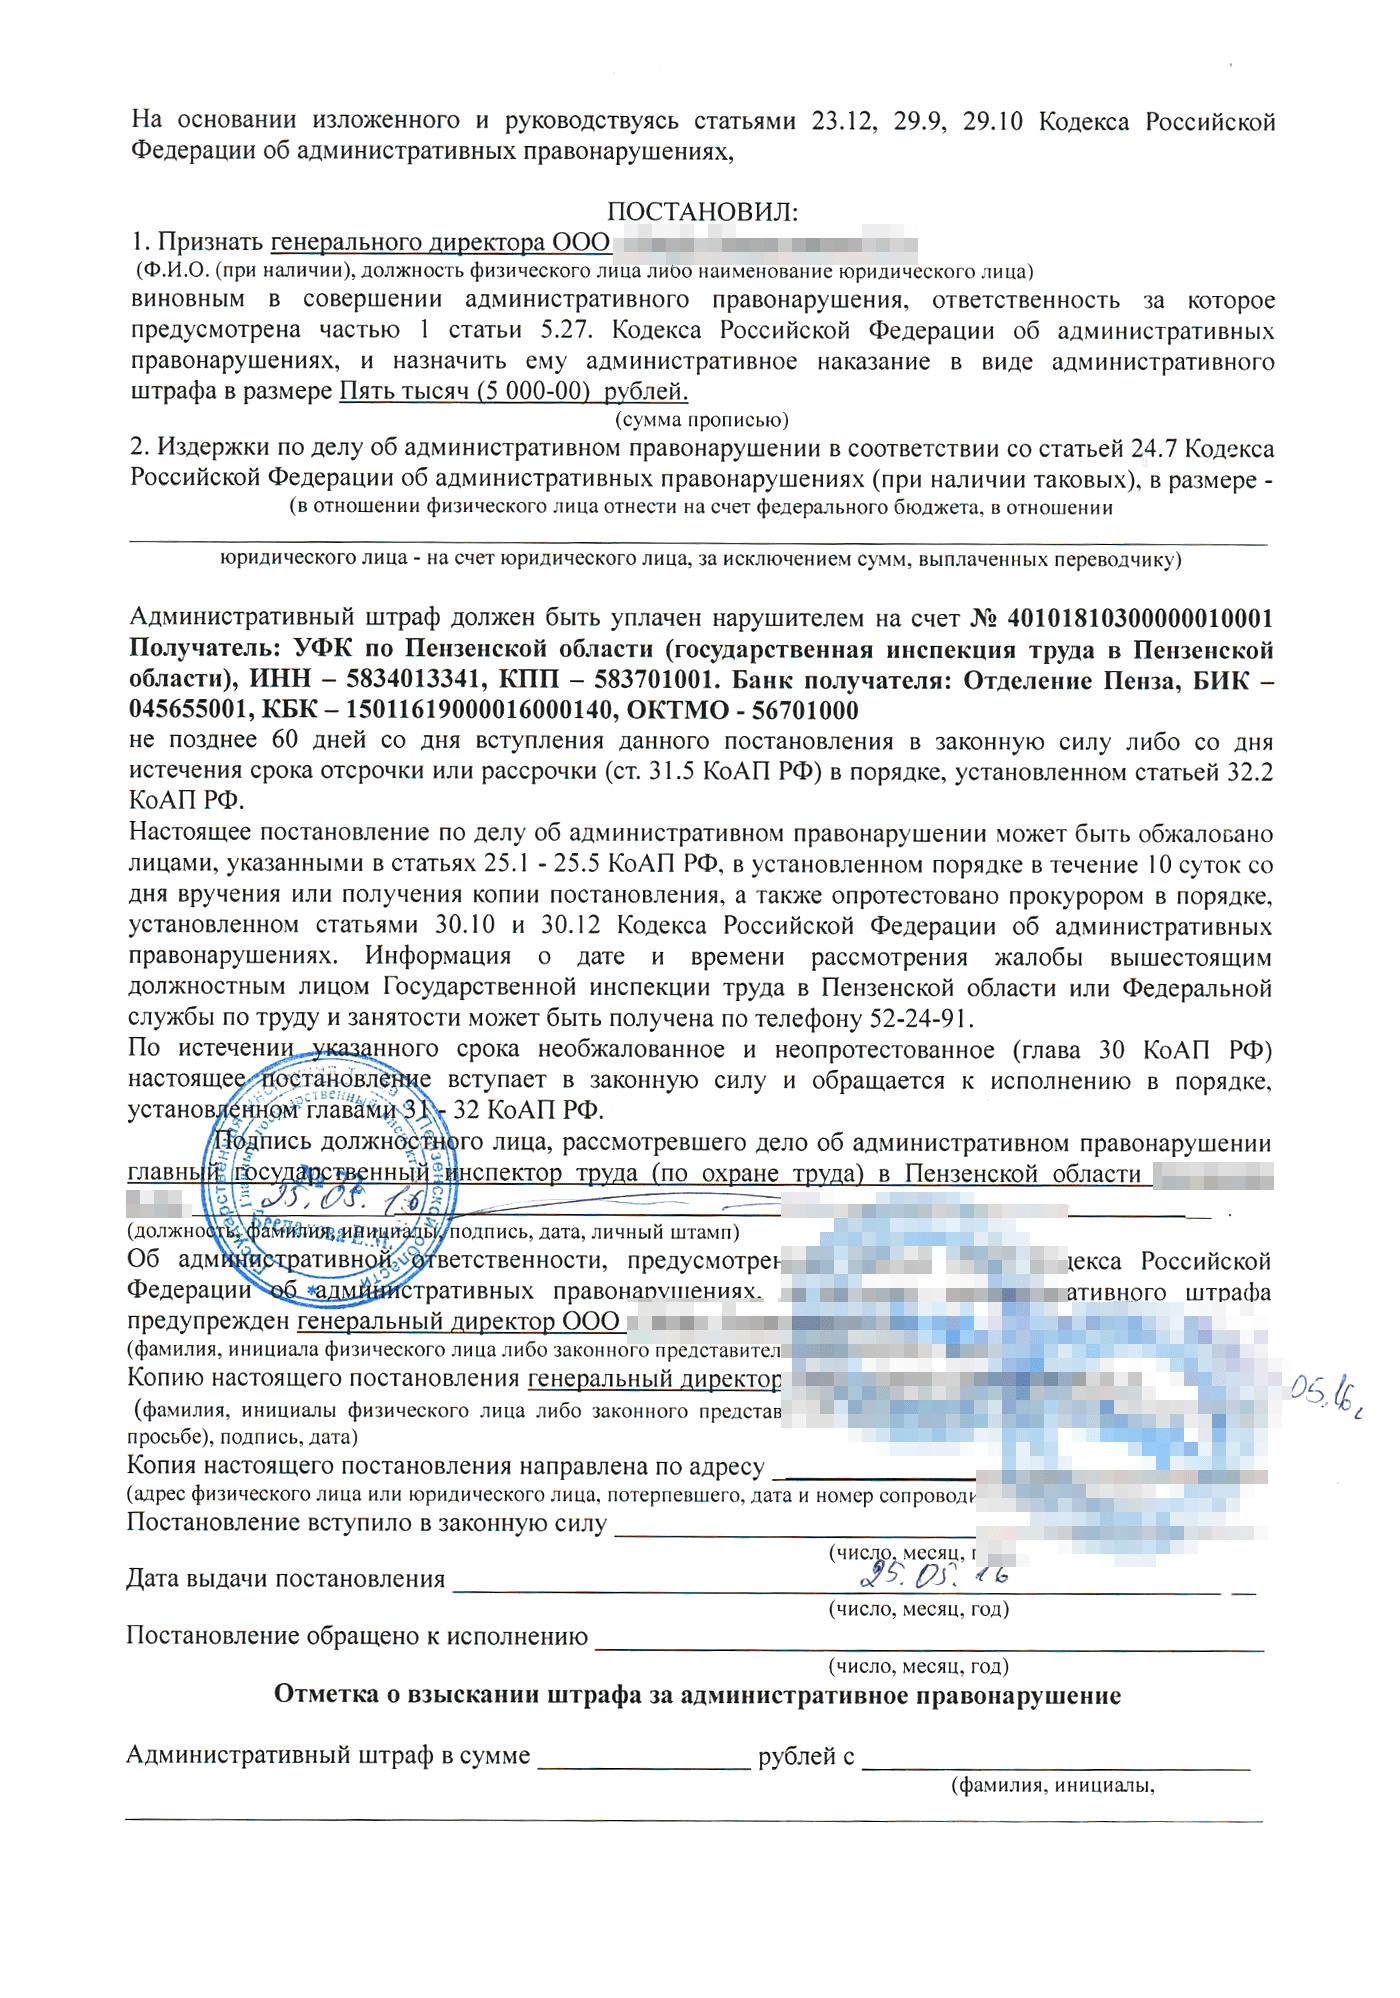 Прокуратура провела проверку и выяснила, что в трудовых договорах не указана точная дата зарплаты, а выплаты производились с опозданием. Материалы передали в госинспекцию труда, которая привлекла меня к административной ответственности и оштрафовала на 5 тысяч рублей